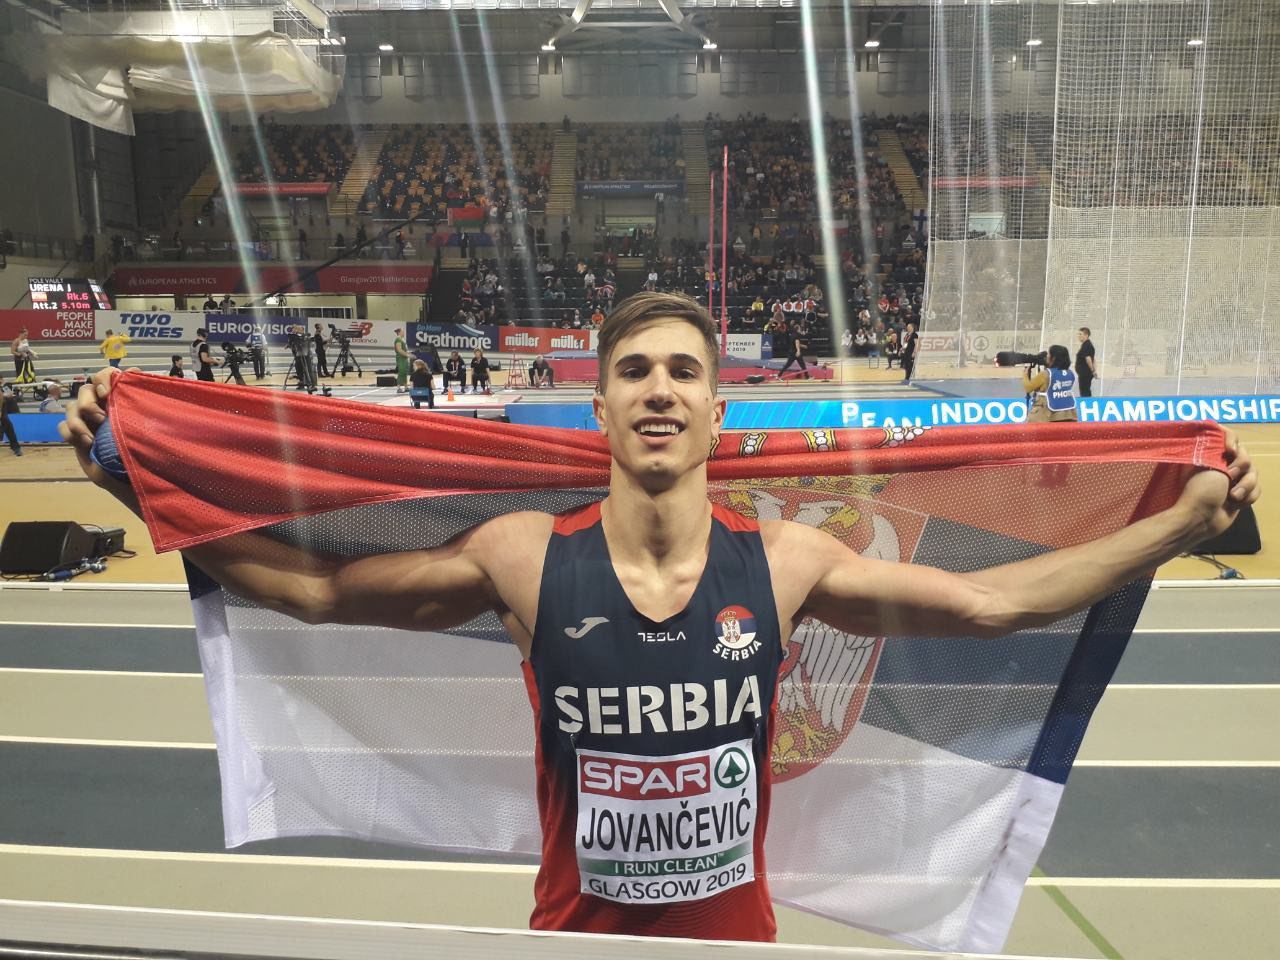 Mинистар Удовичић честитао Страхињи Јованчевићу освојену бронзану медаљу